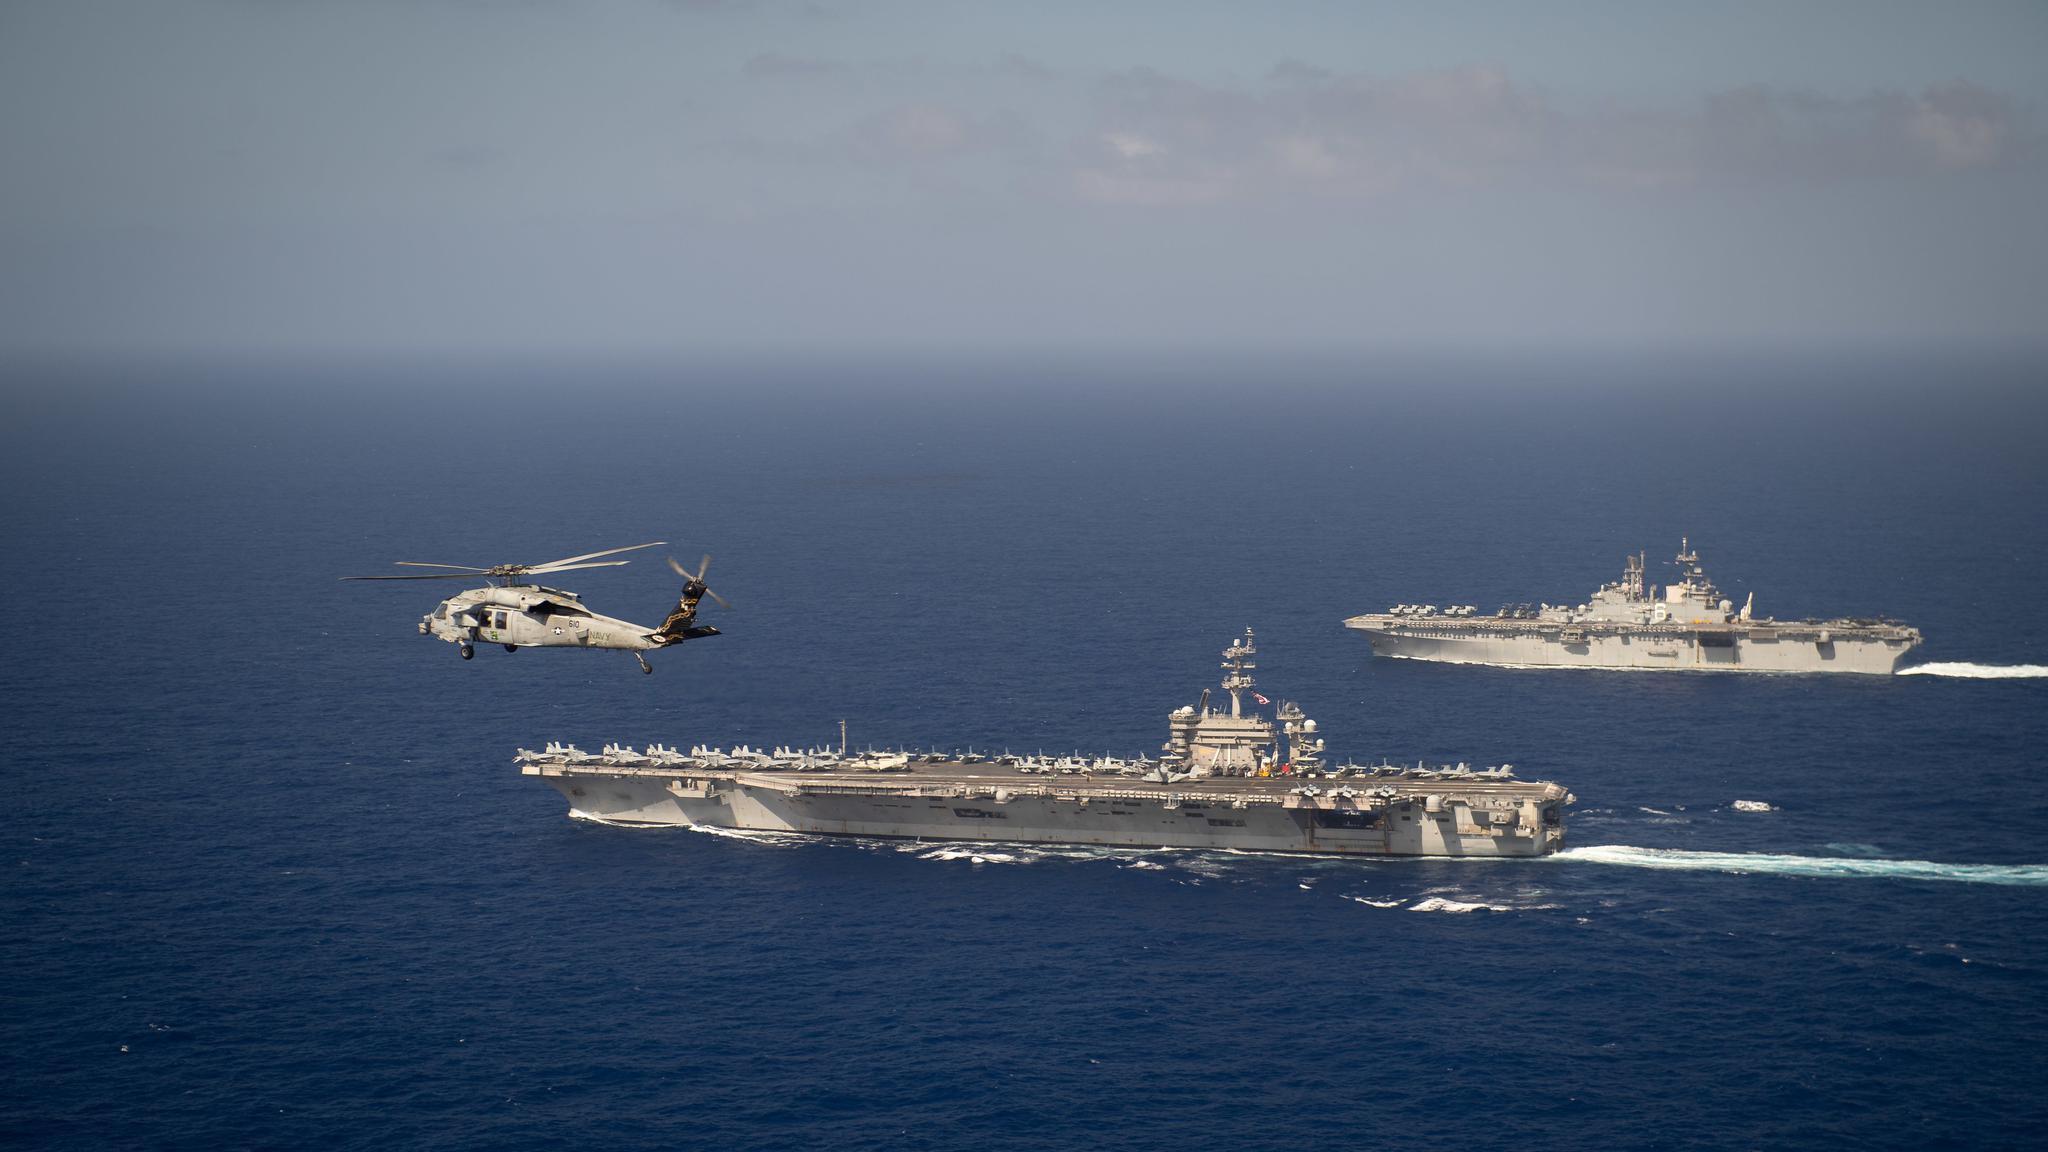 美国海军开始考虑新建造一型轻型舰队航母